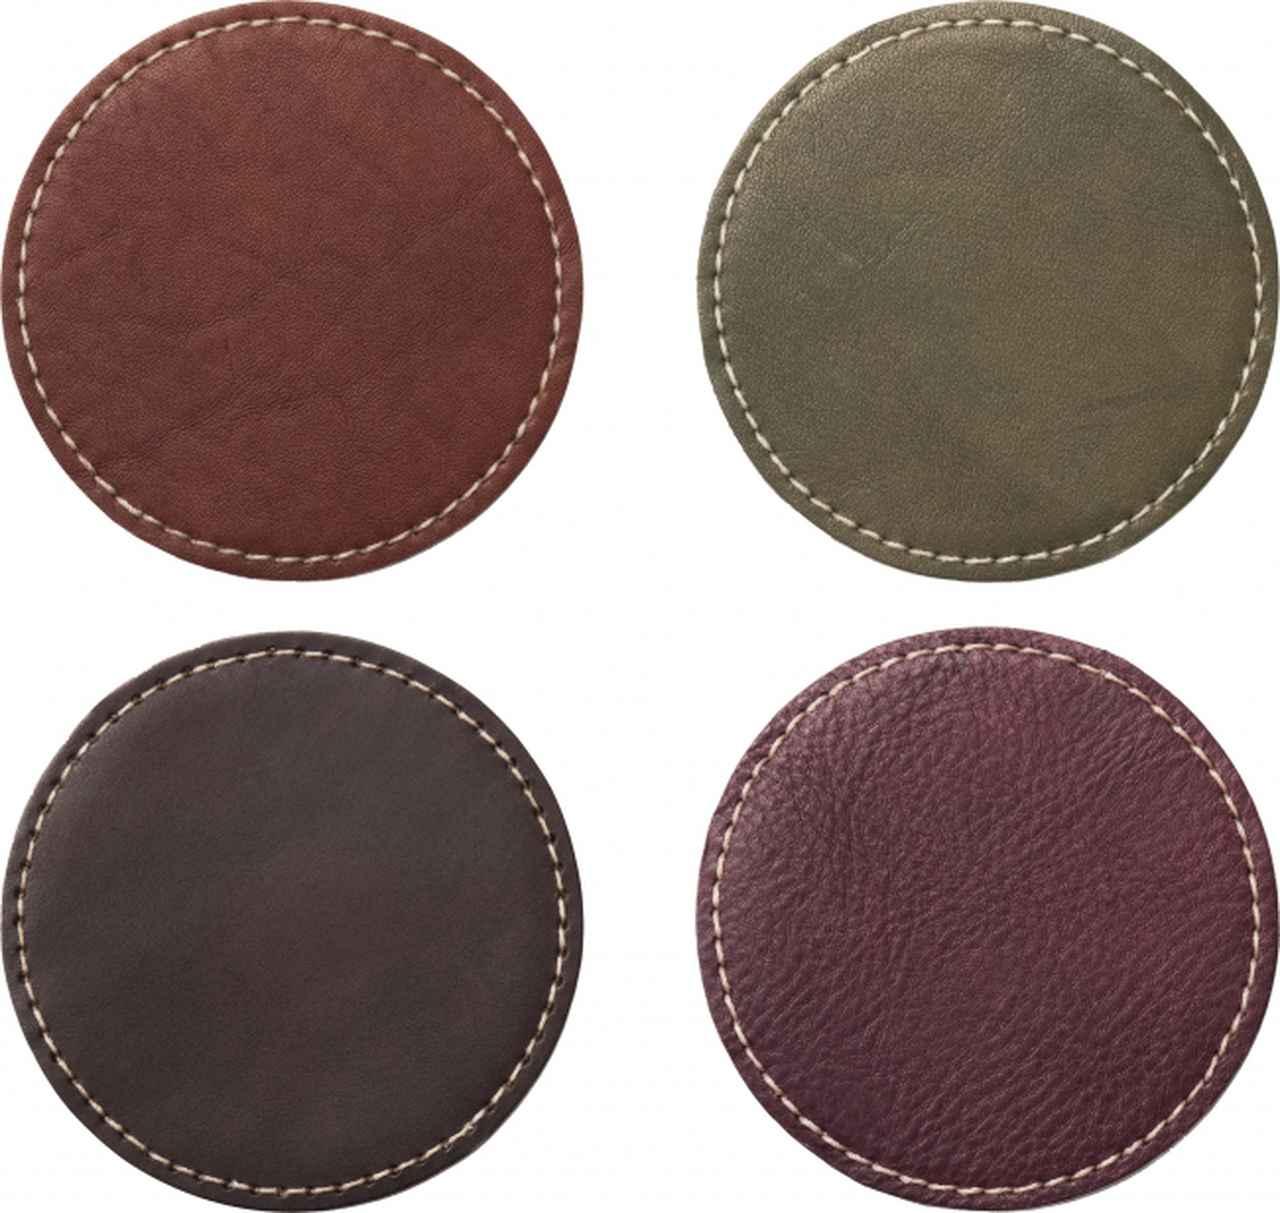 画像: ▲左上からブラウン、オリーブ、ダークブラウン、ボルドー